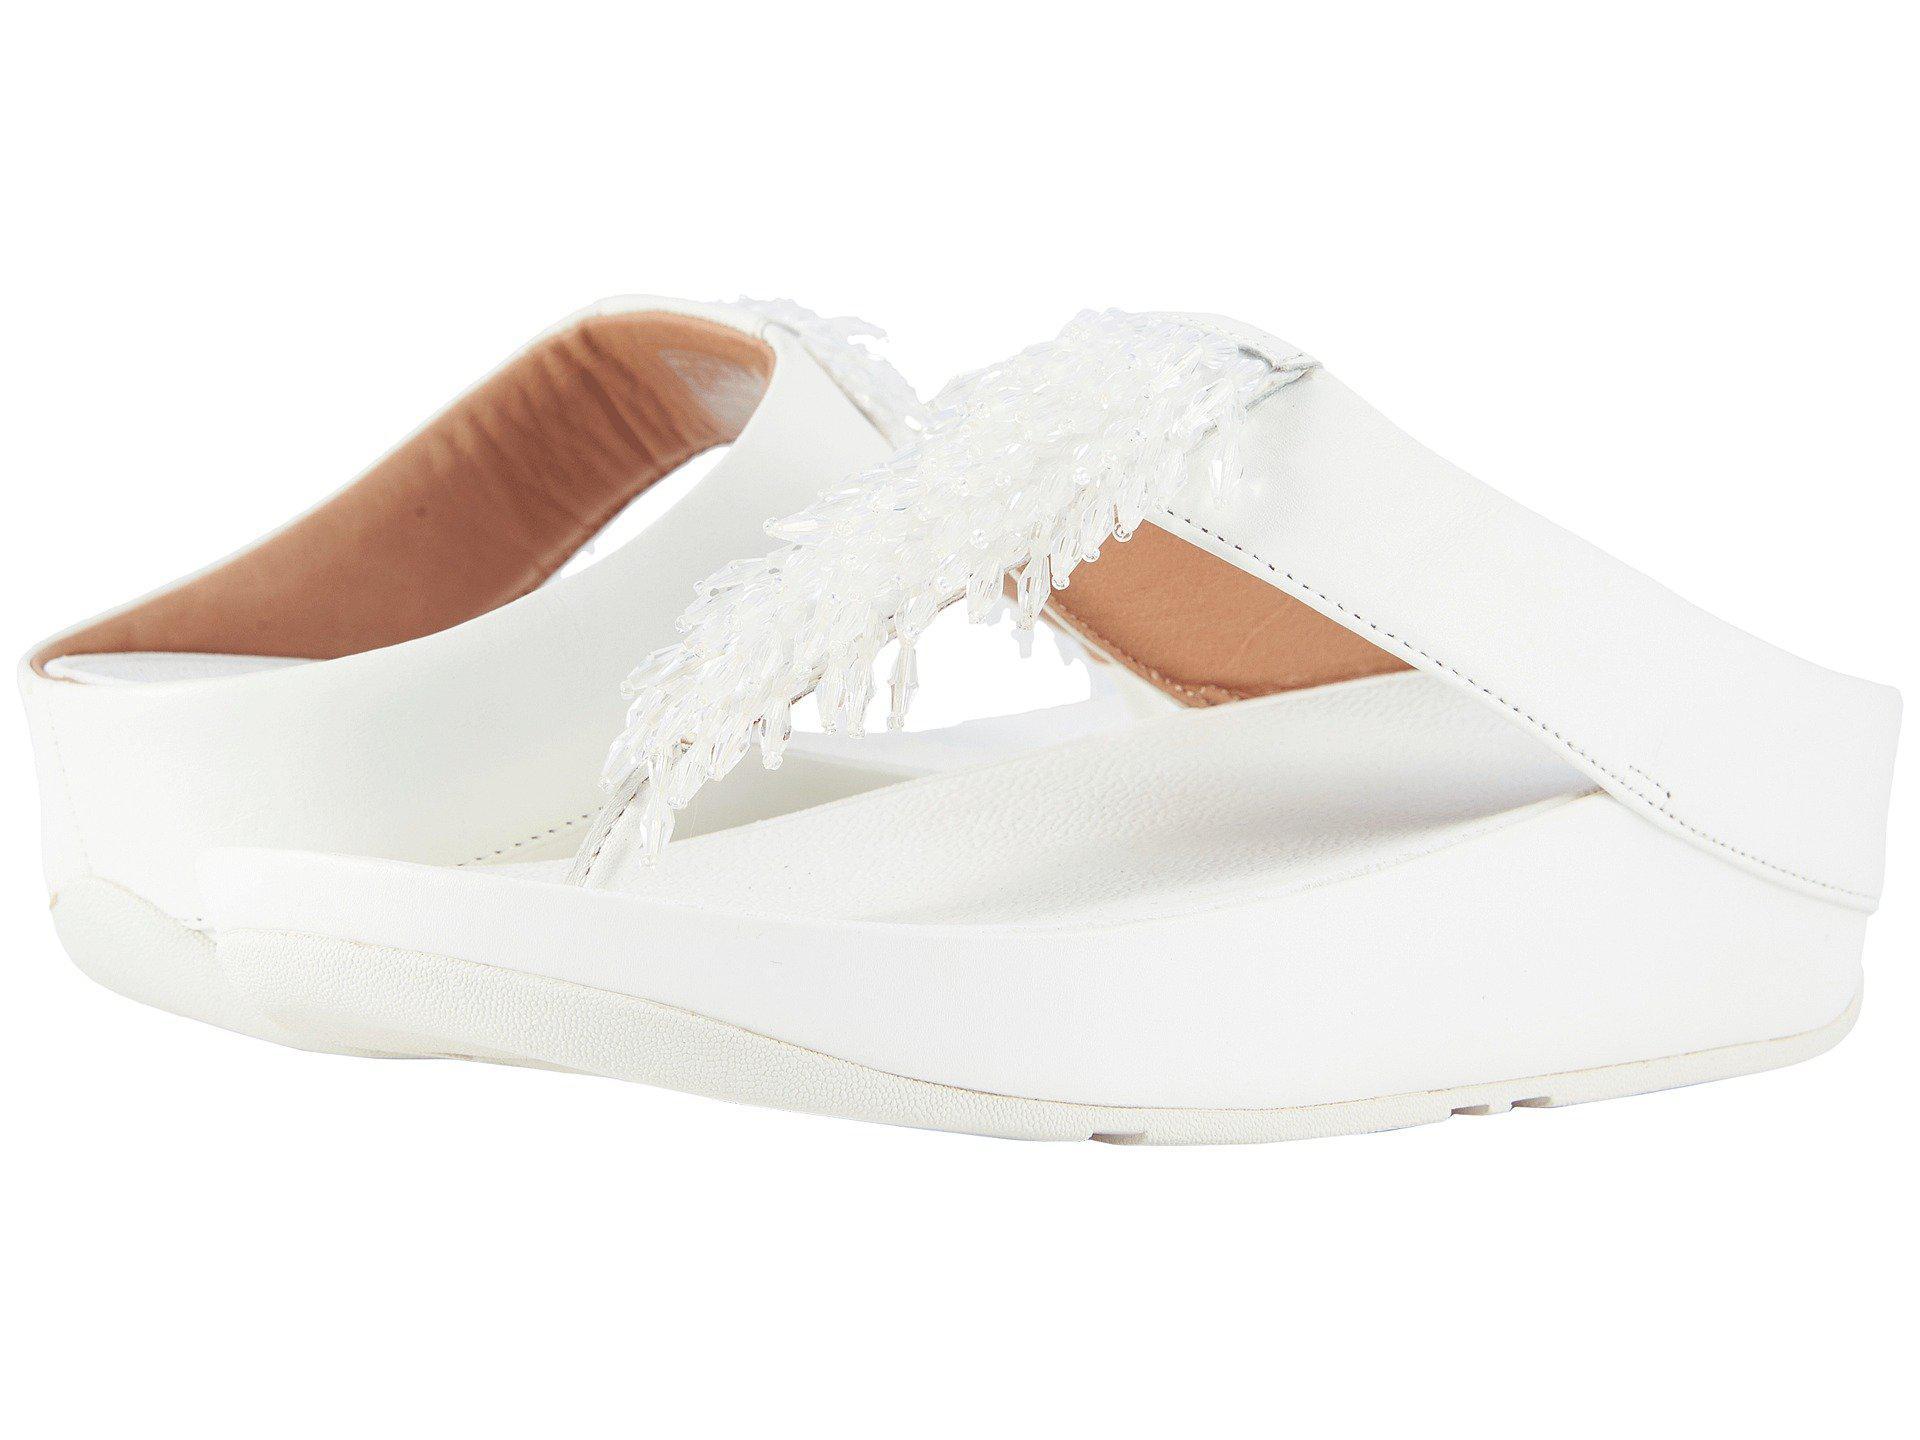 cdbca6d9a1c687 Lyst - Fitflop Rumba Toe Thong Sandals (metallic Gold) Women s ...